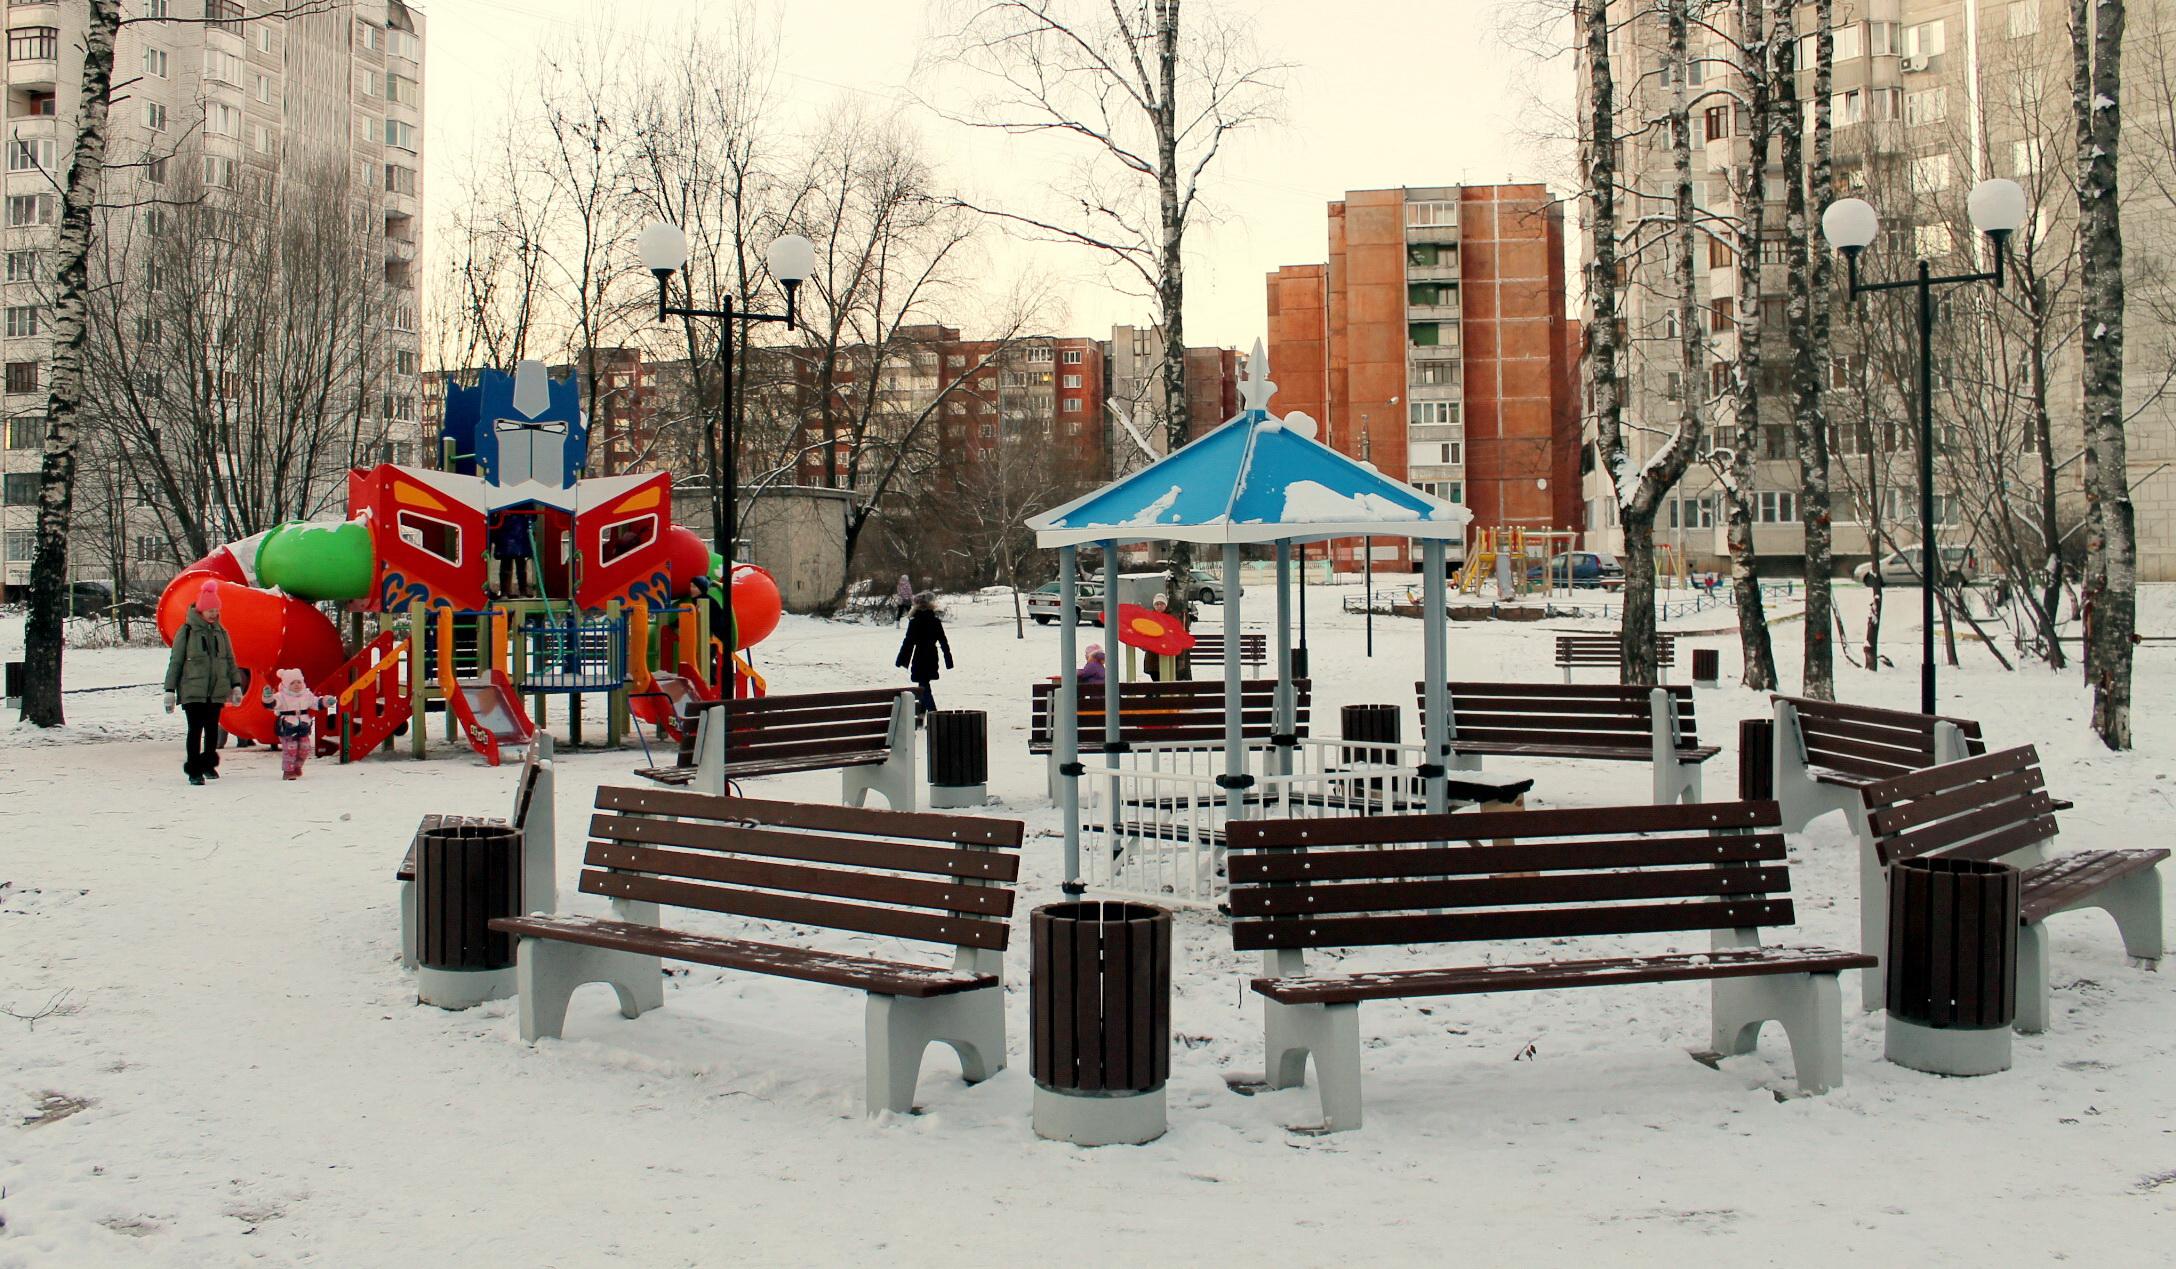 Тверская область отмечена на федеральном уровне с проектами по повышению качества городской среды